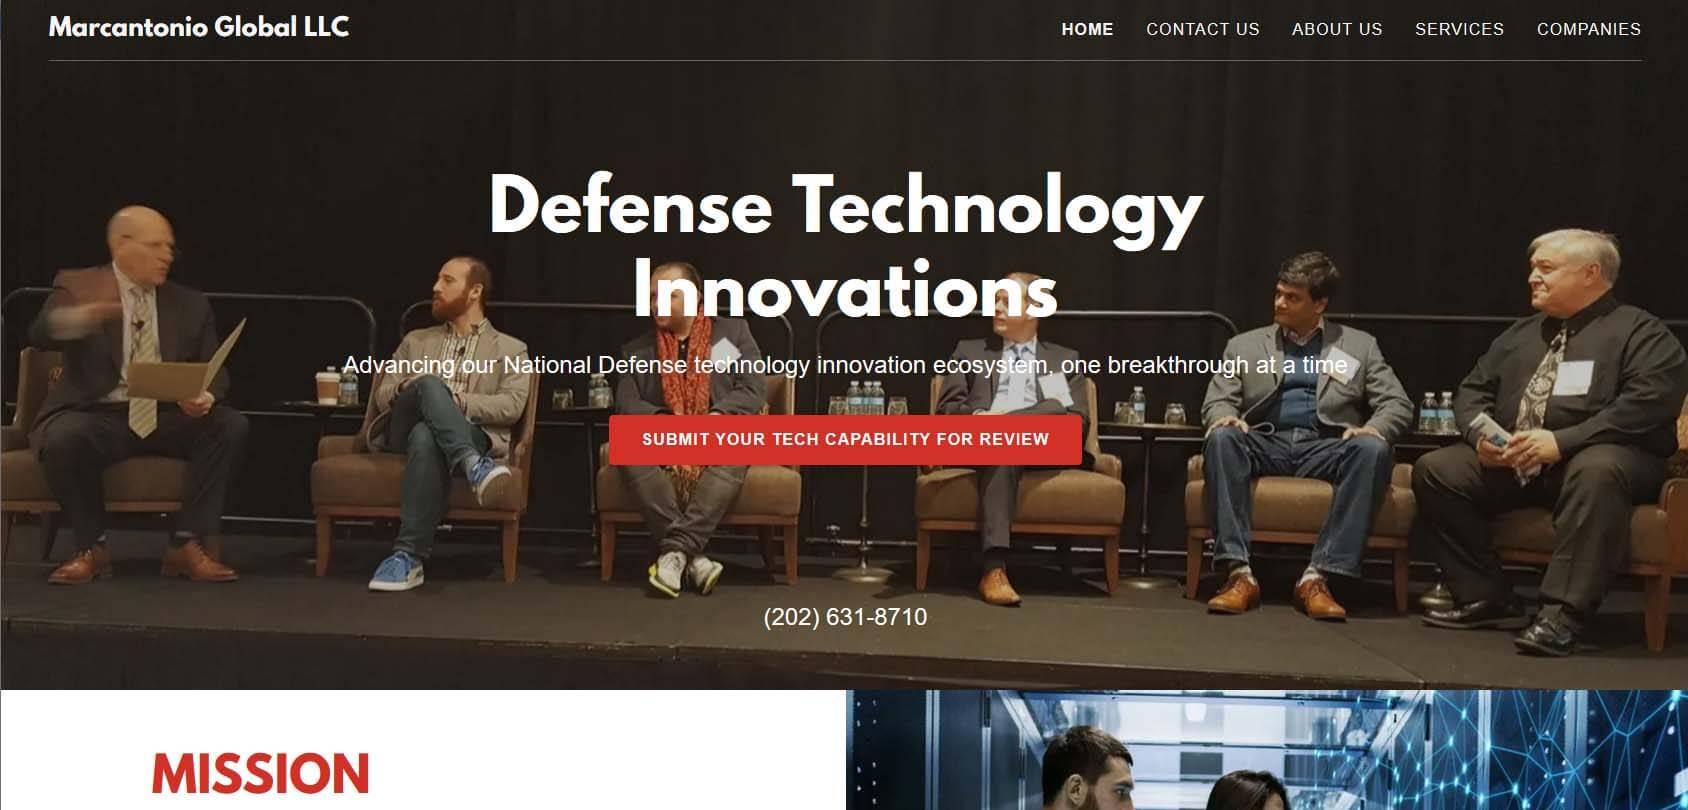 Marcantonio Global LLC Homepage